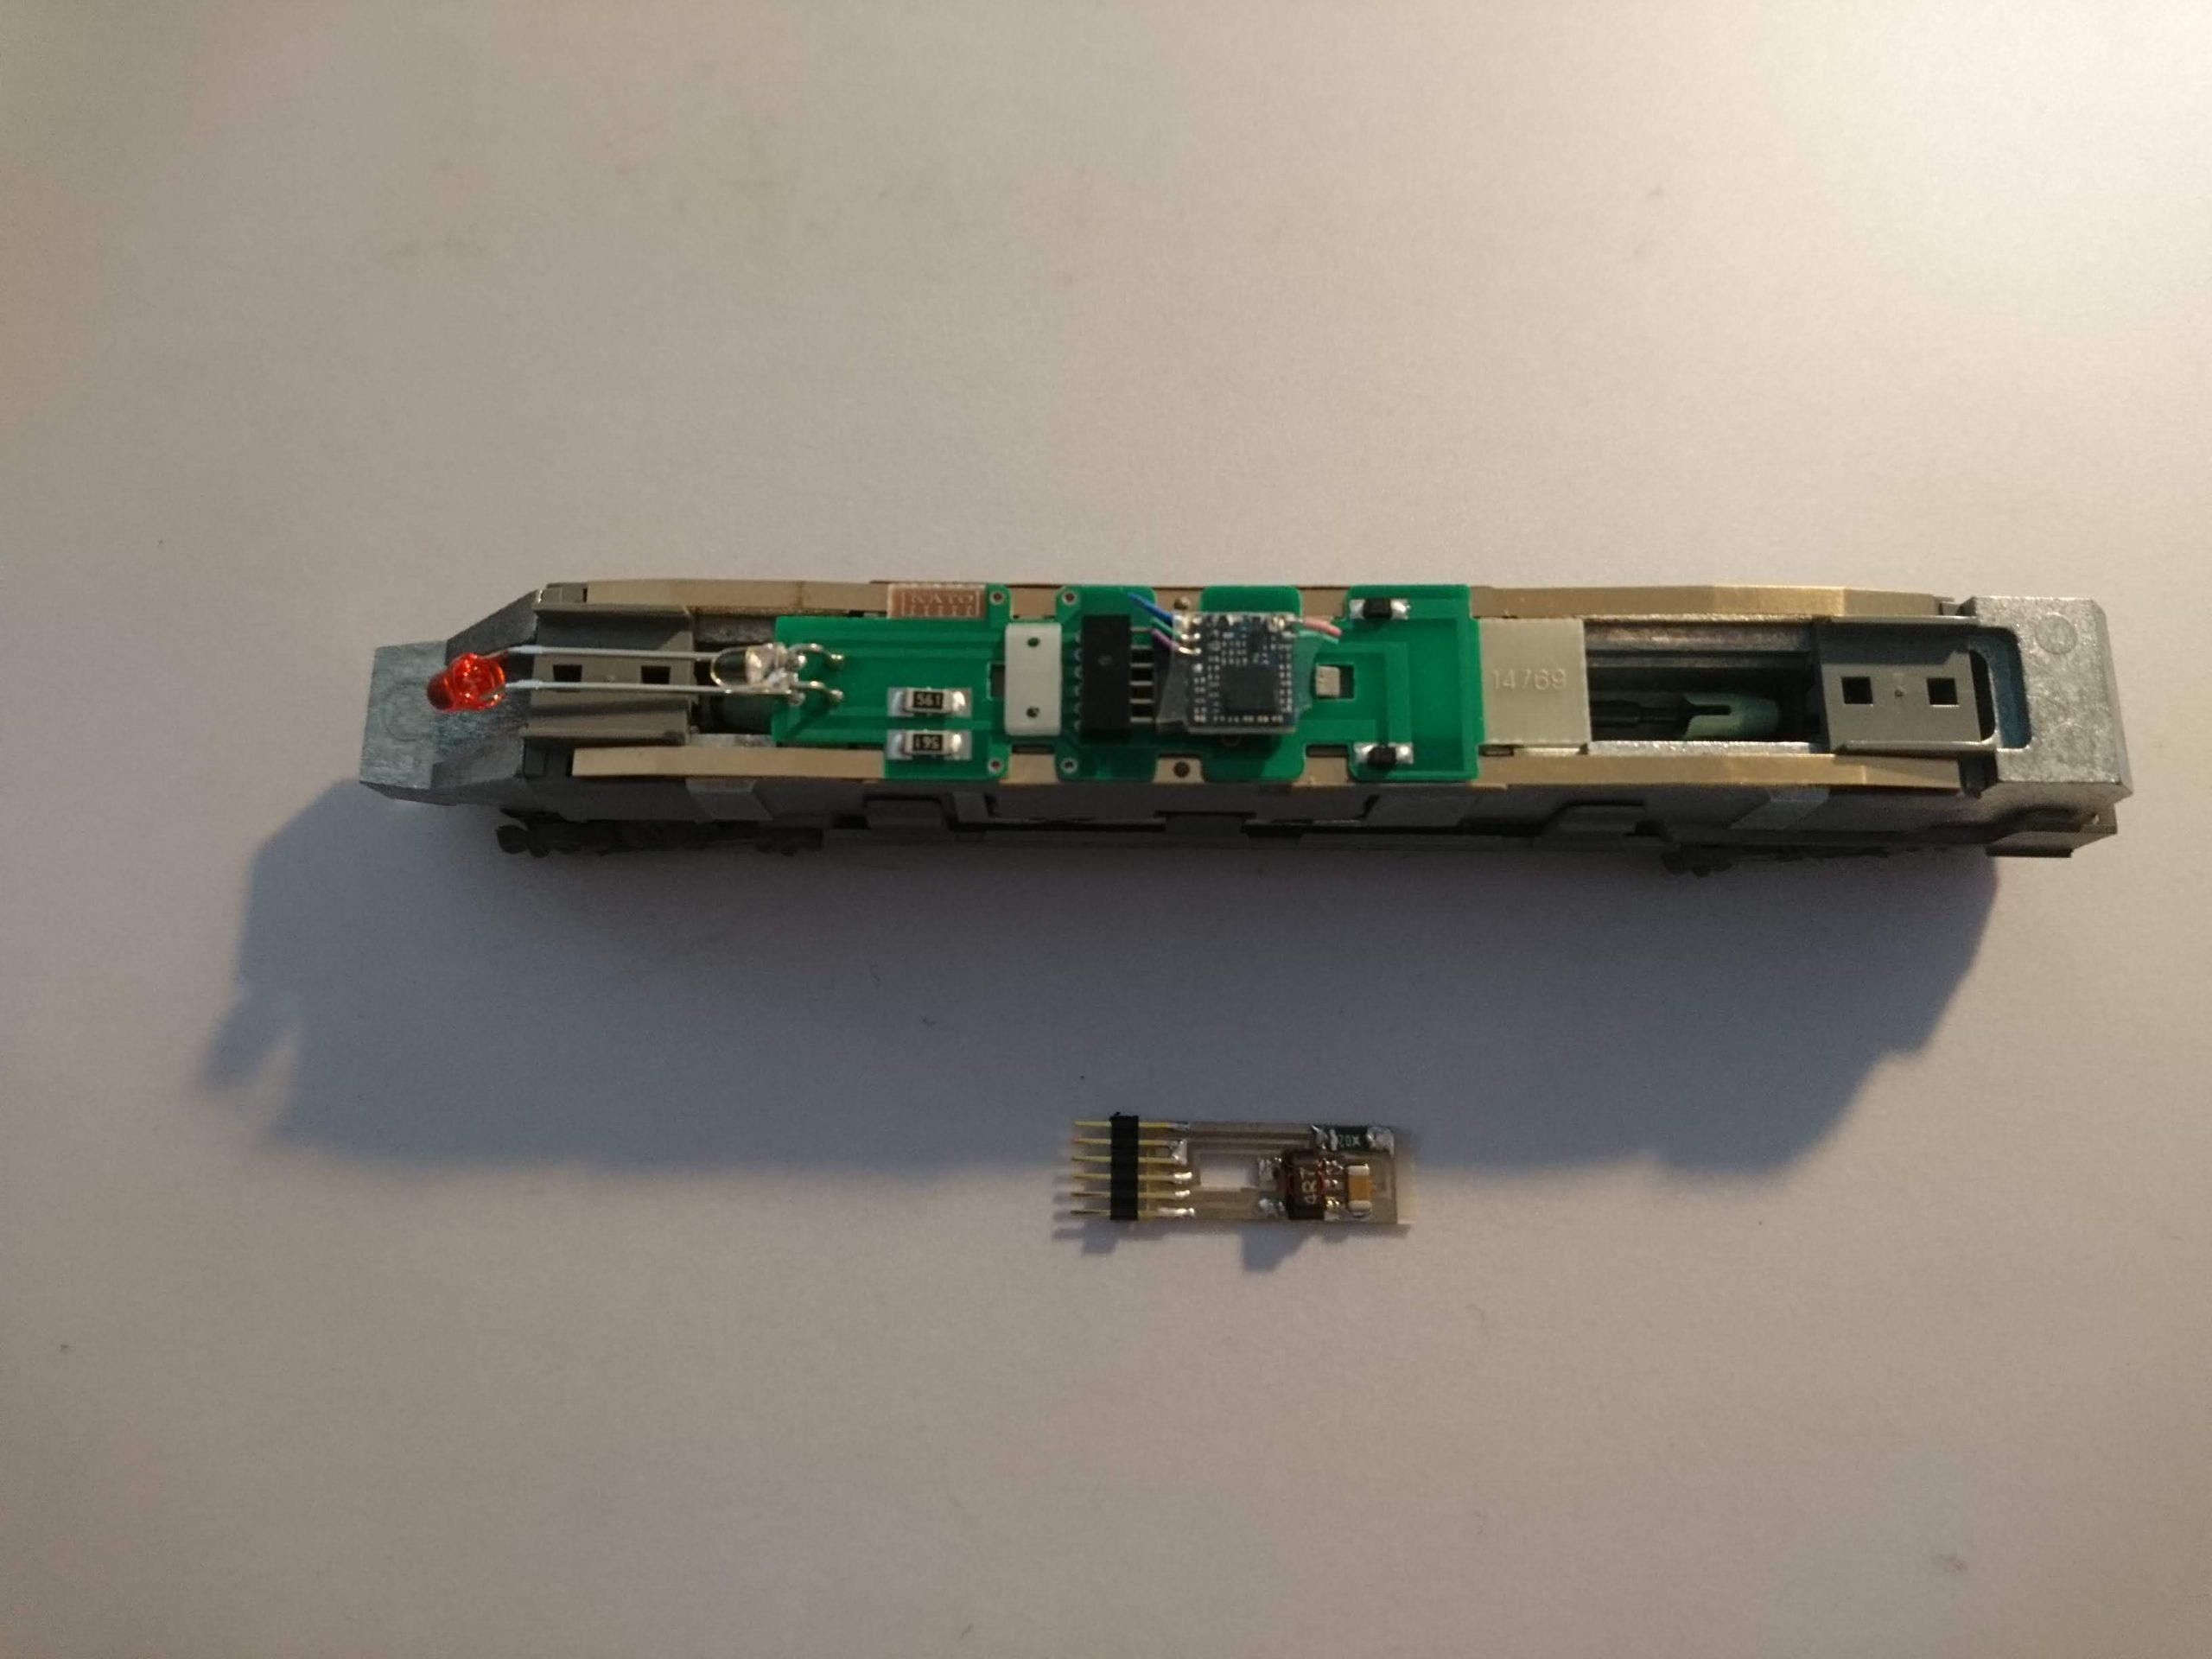 Der Decoder ist auf der Tauschplatine eingesetzt, der Blindstecker entfernt